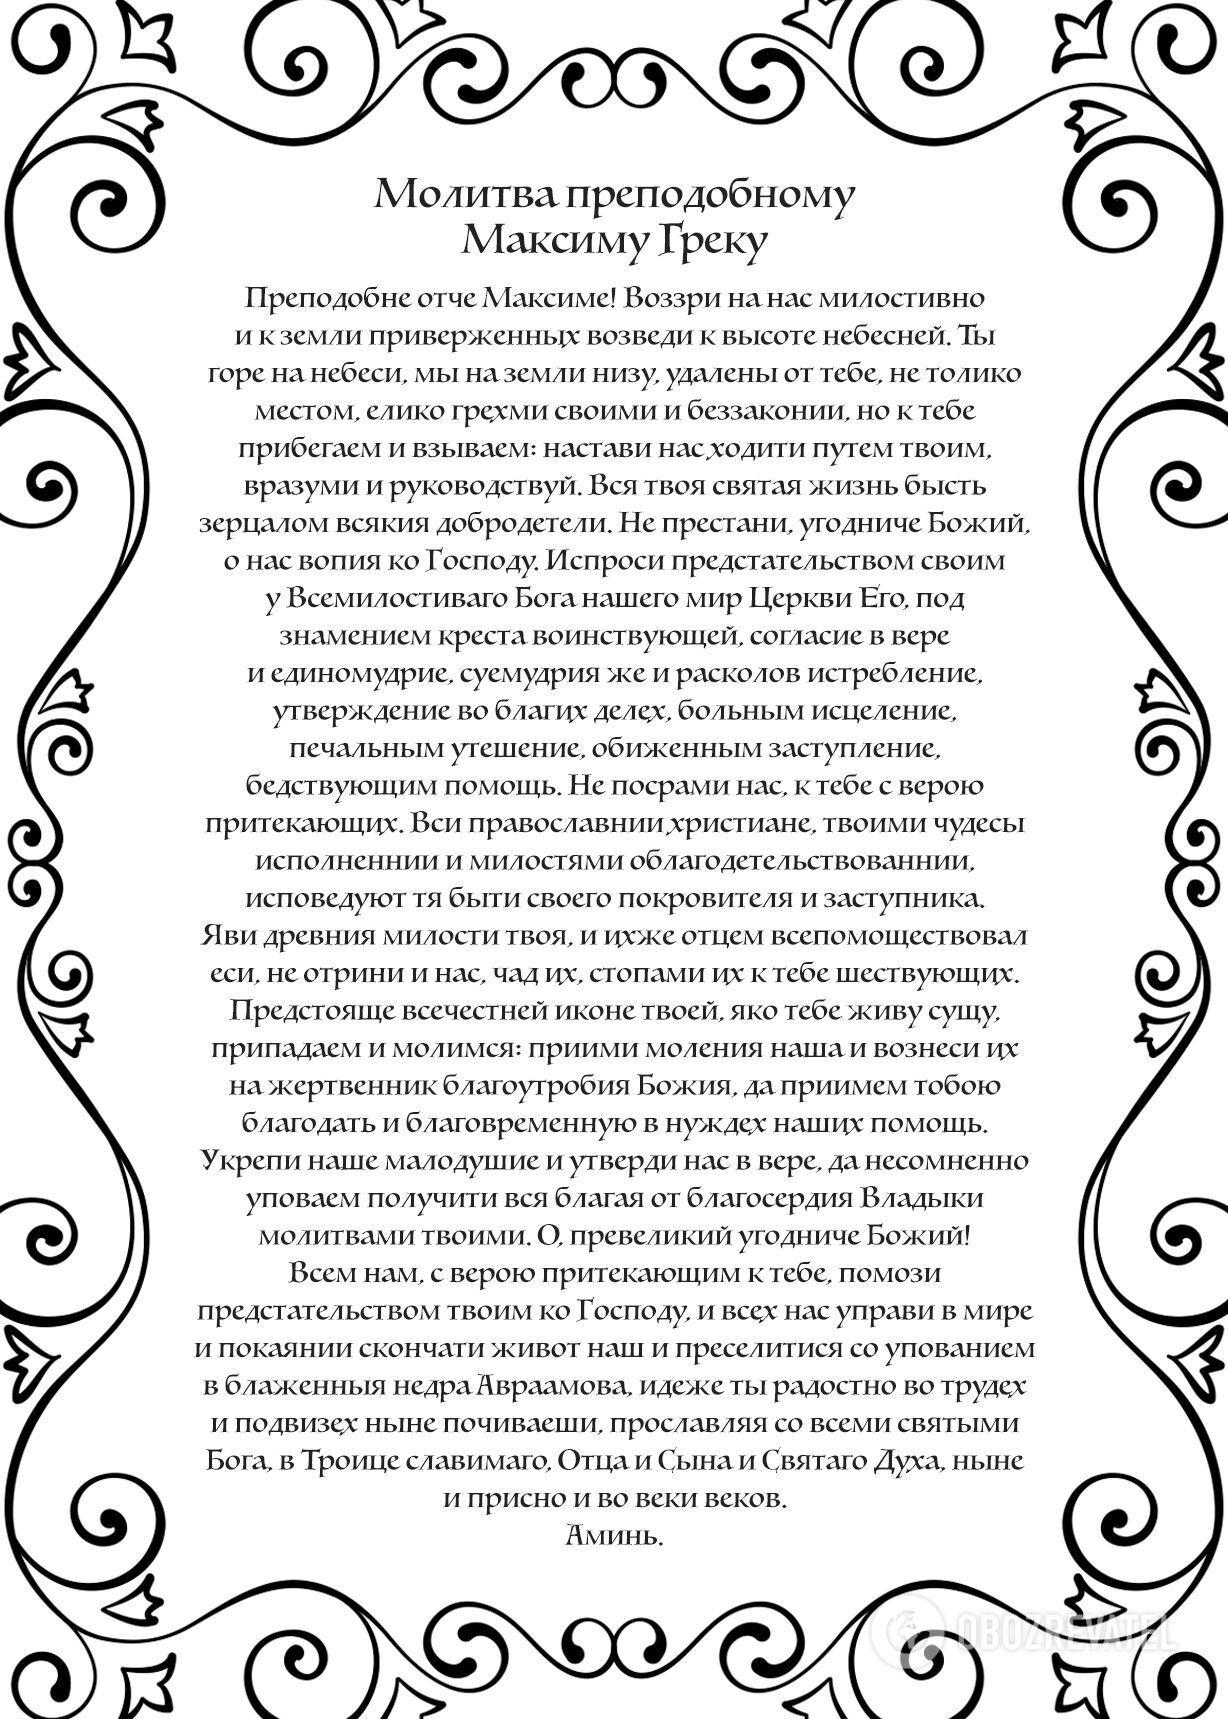 Молитва святому Максиму